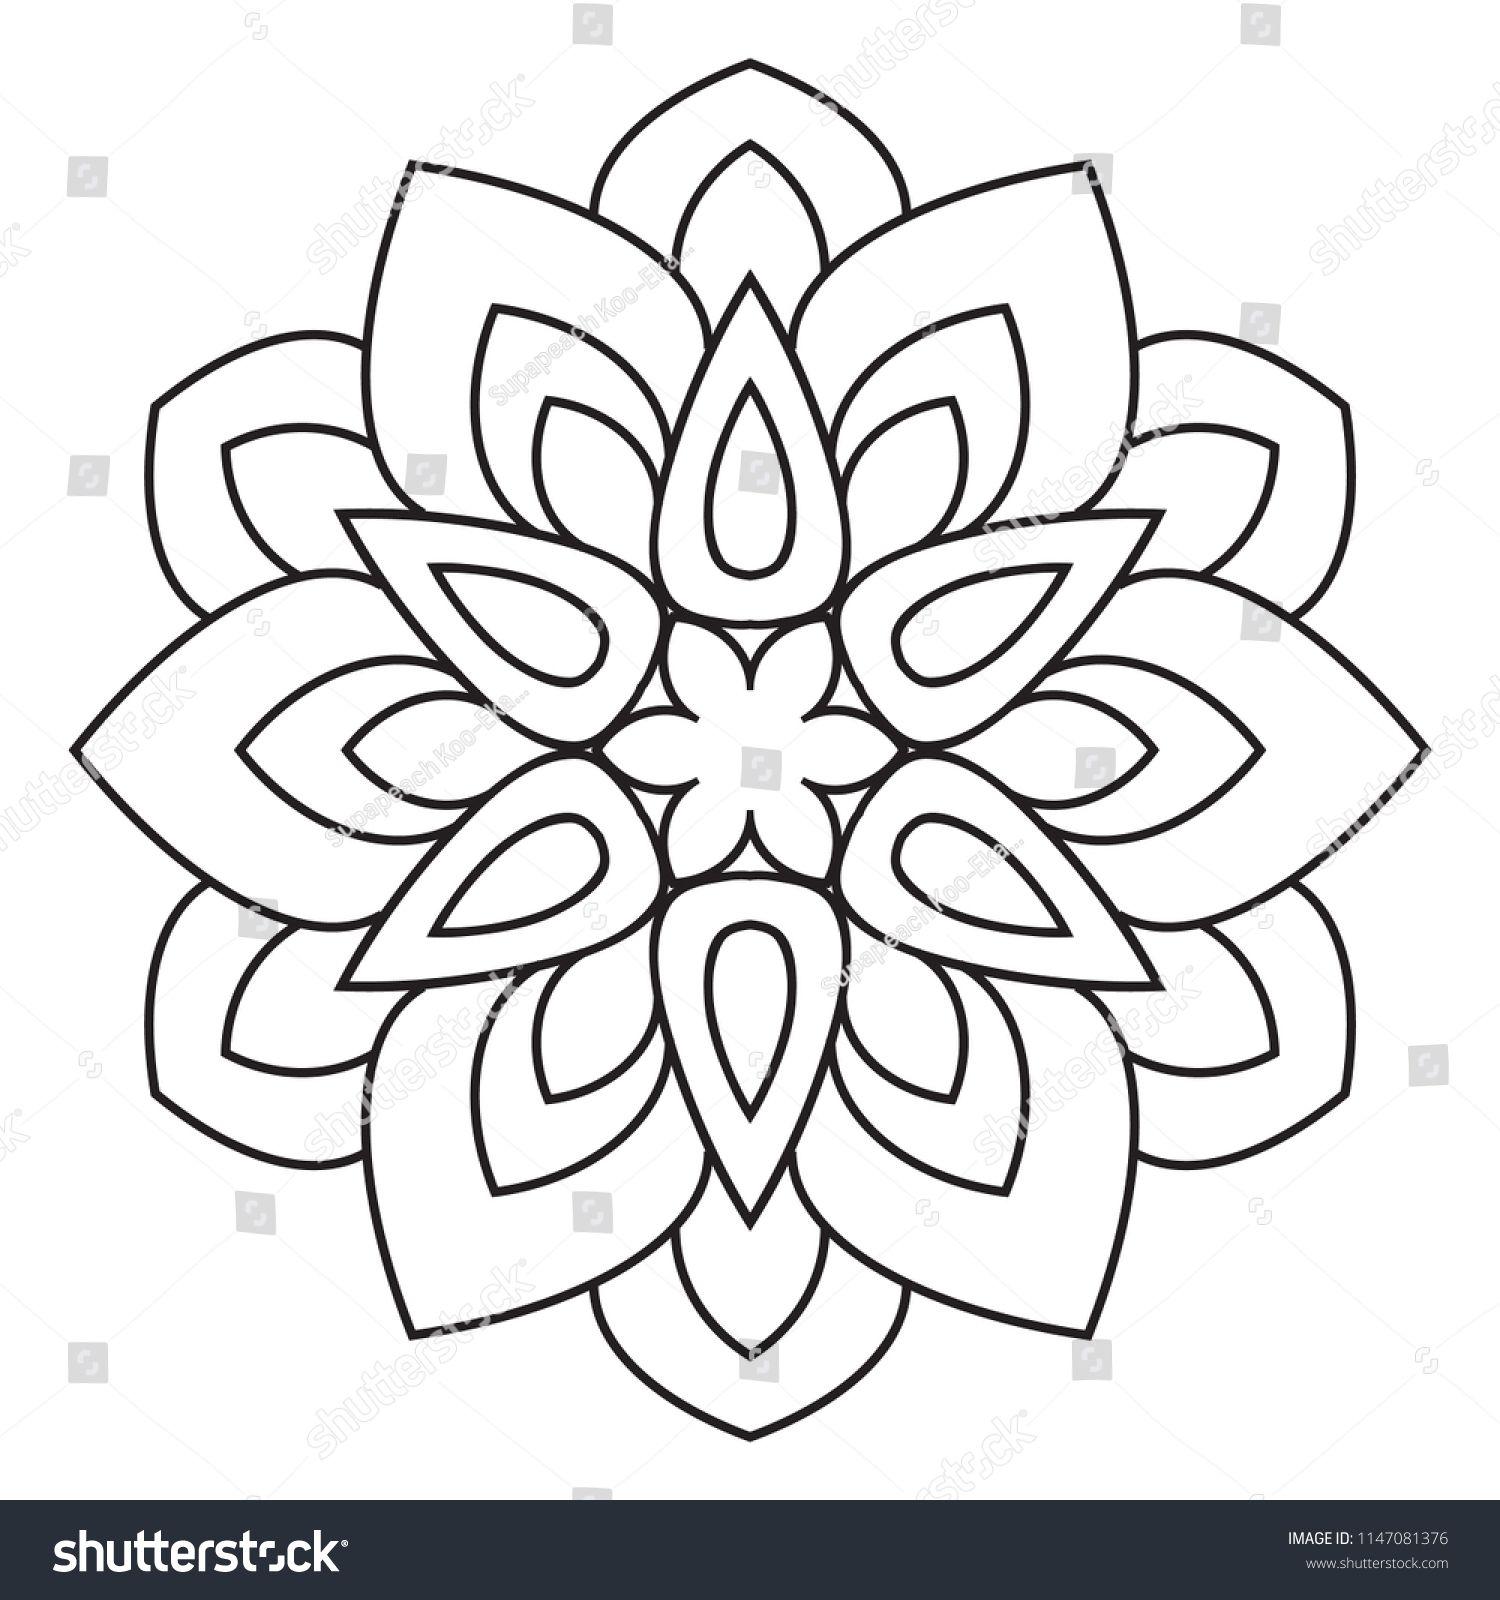 Easy Mandala Basic And Simple Mandalas Coloring Book For Adults Seniors And Beginner Mandalas Flower Simple Mandala Mandala Coloring Pages Mandala Coloring